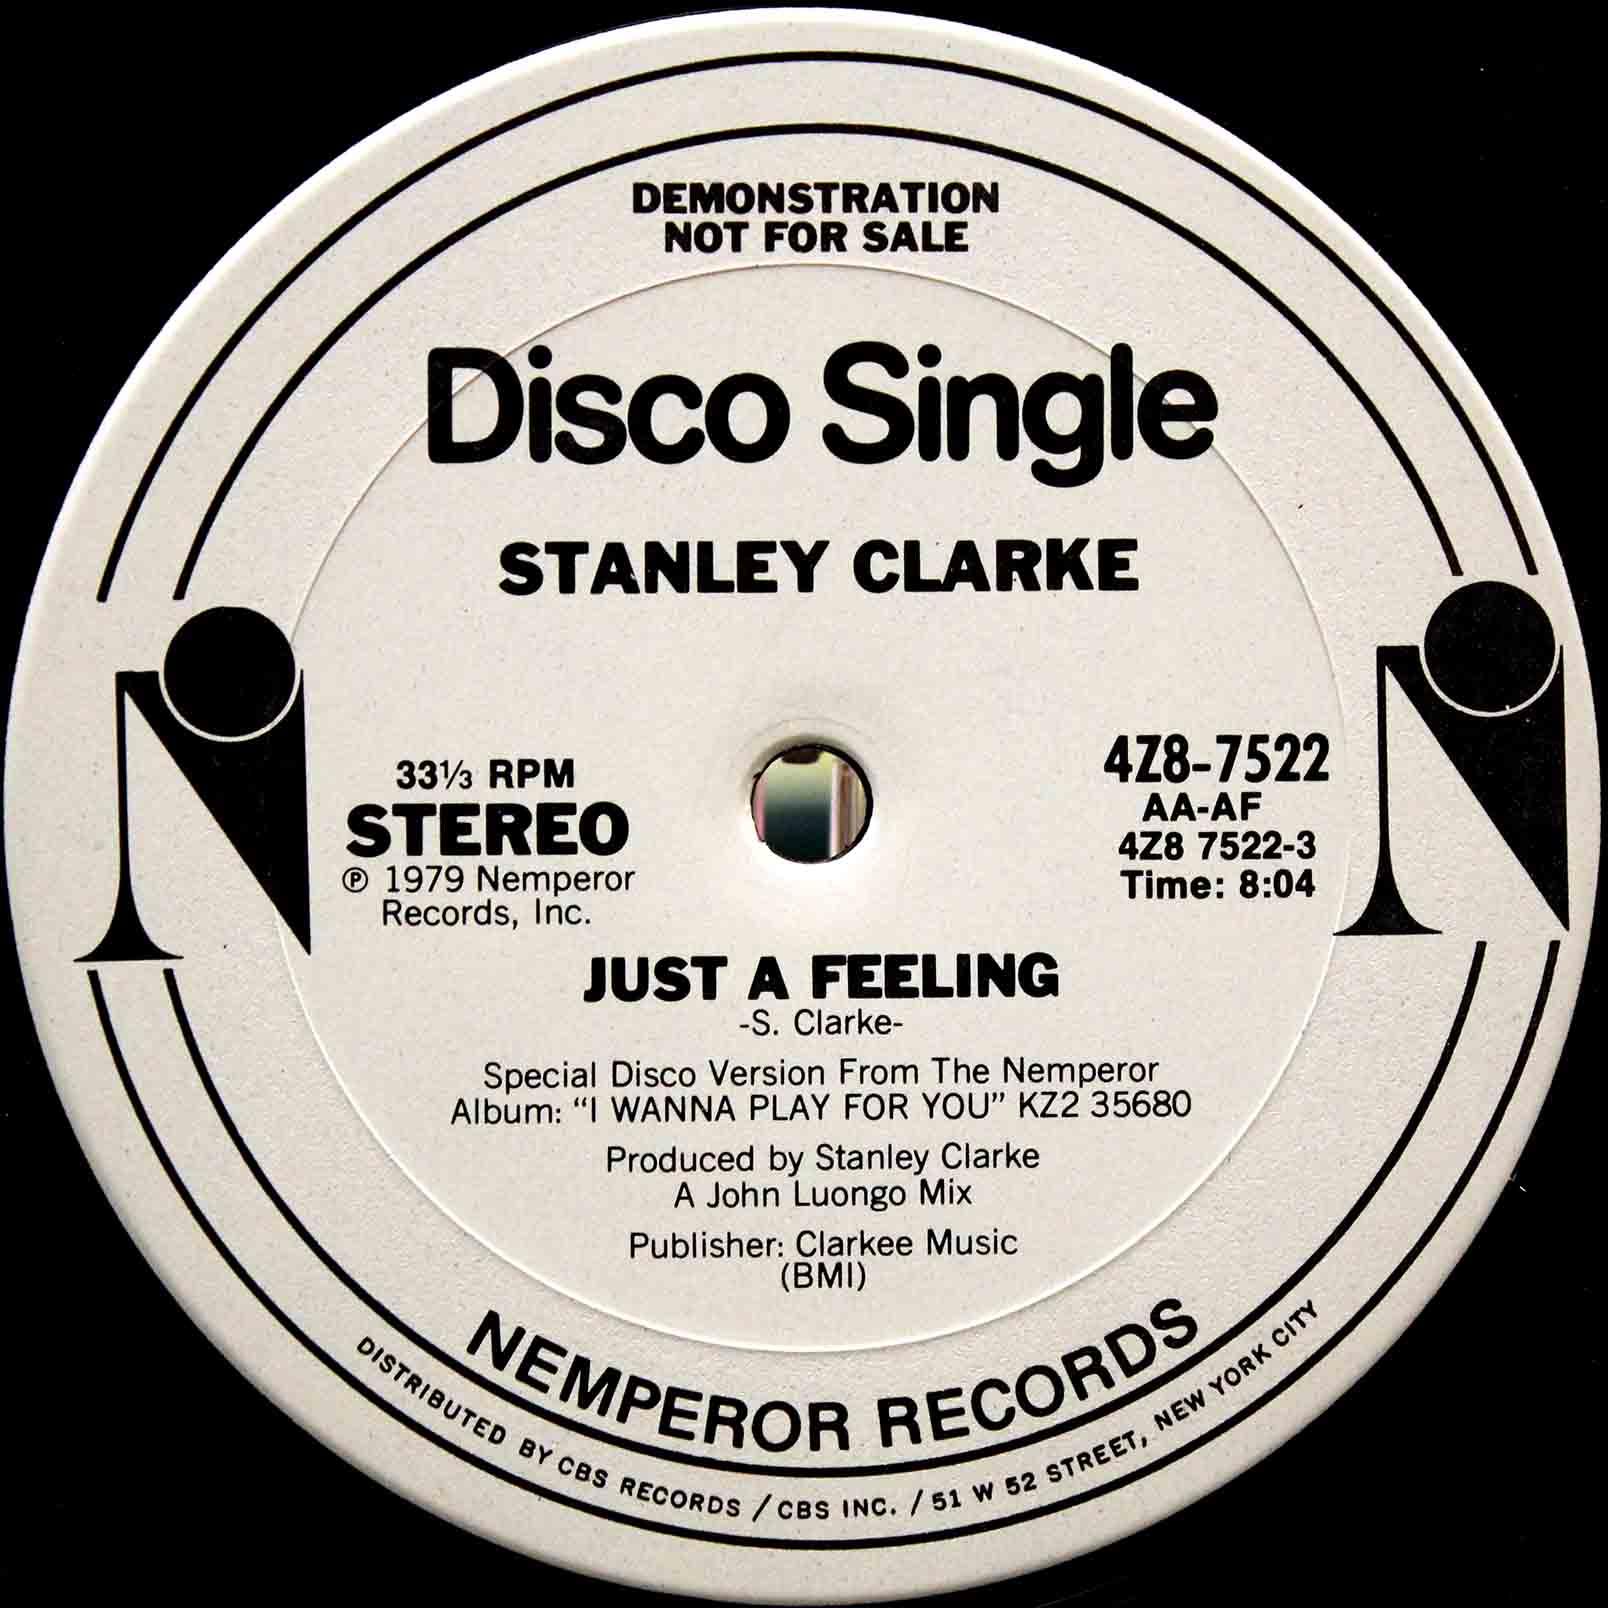 STANLEY CLARKE JUST A FEELING 02